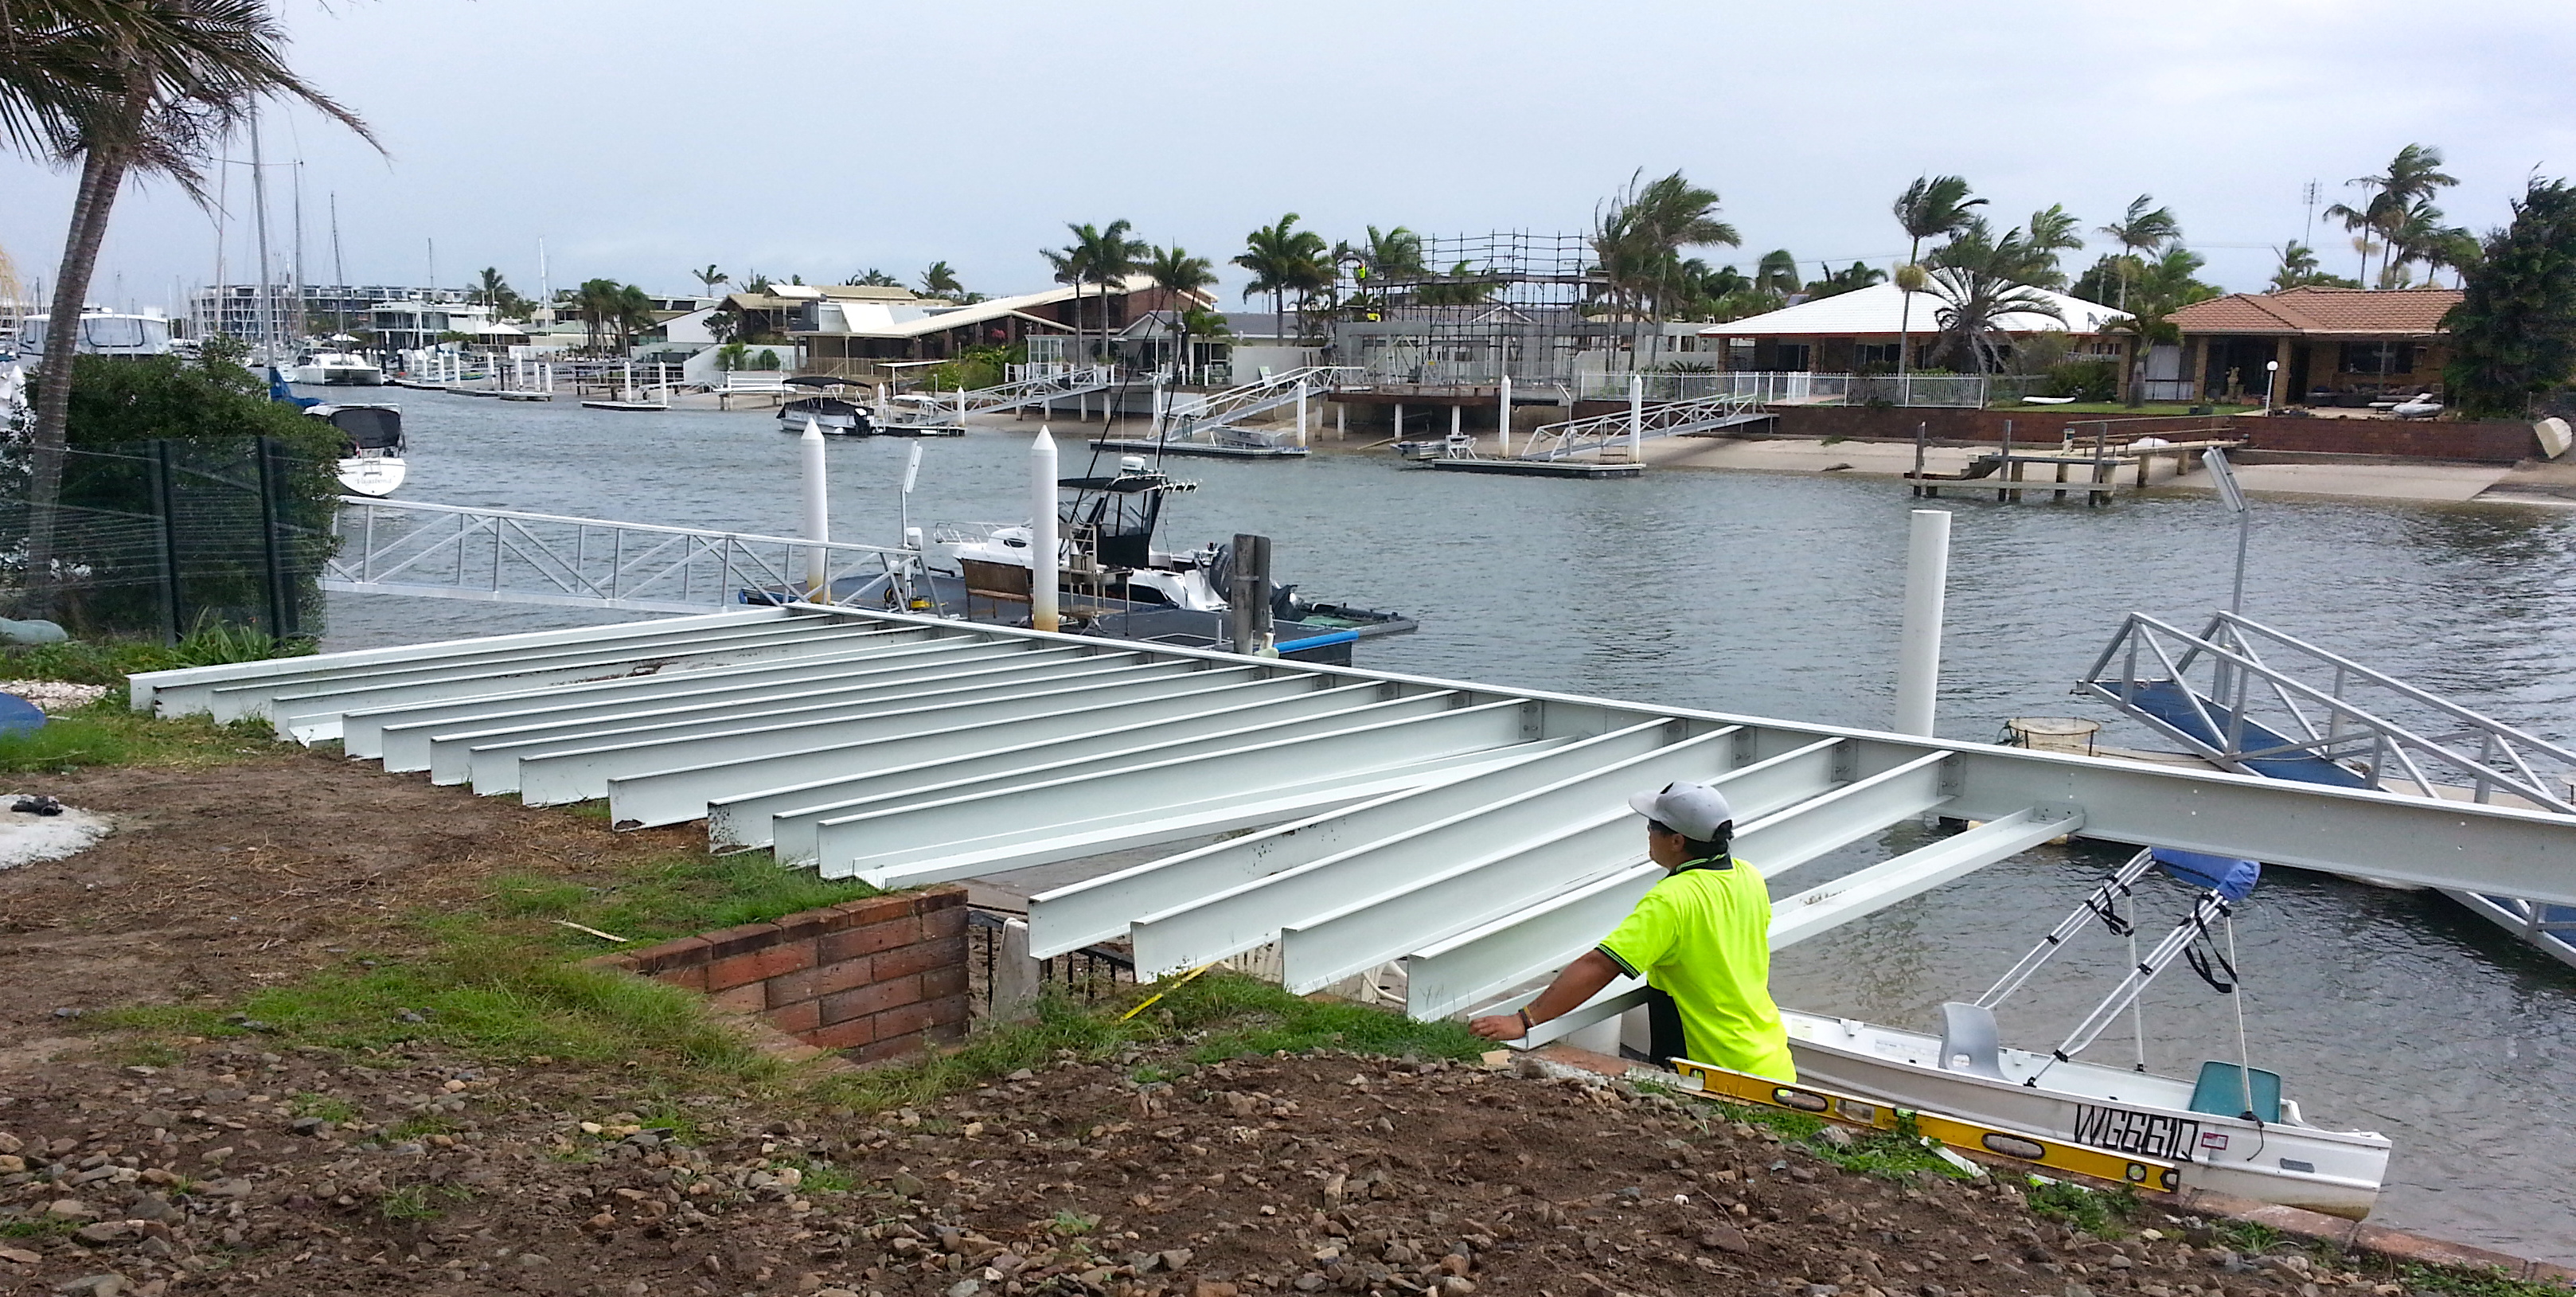 FRP Joists for Deck near salt water - 4 meter span